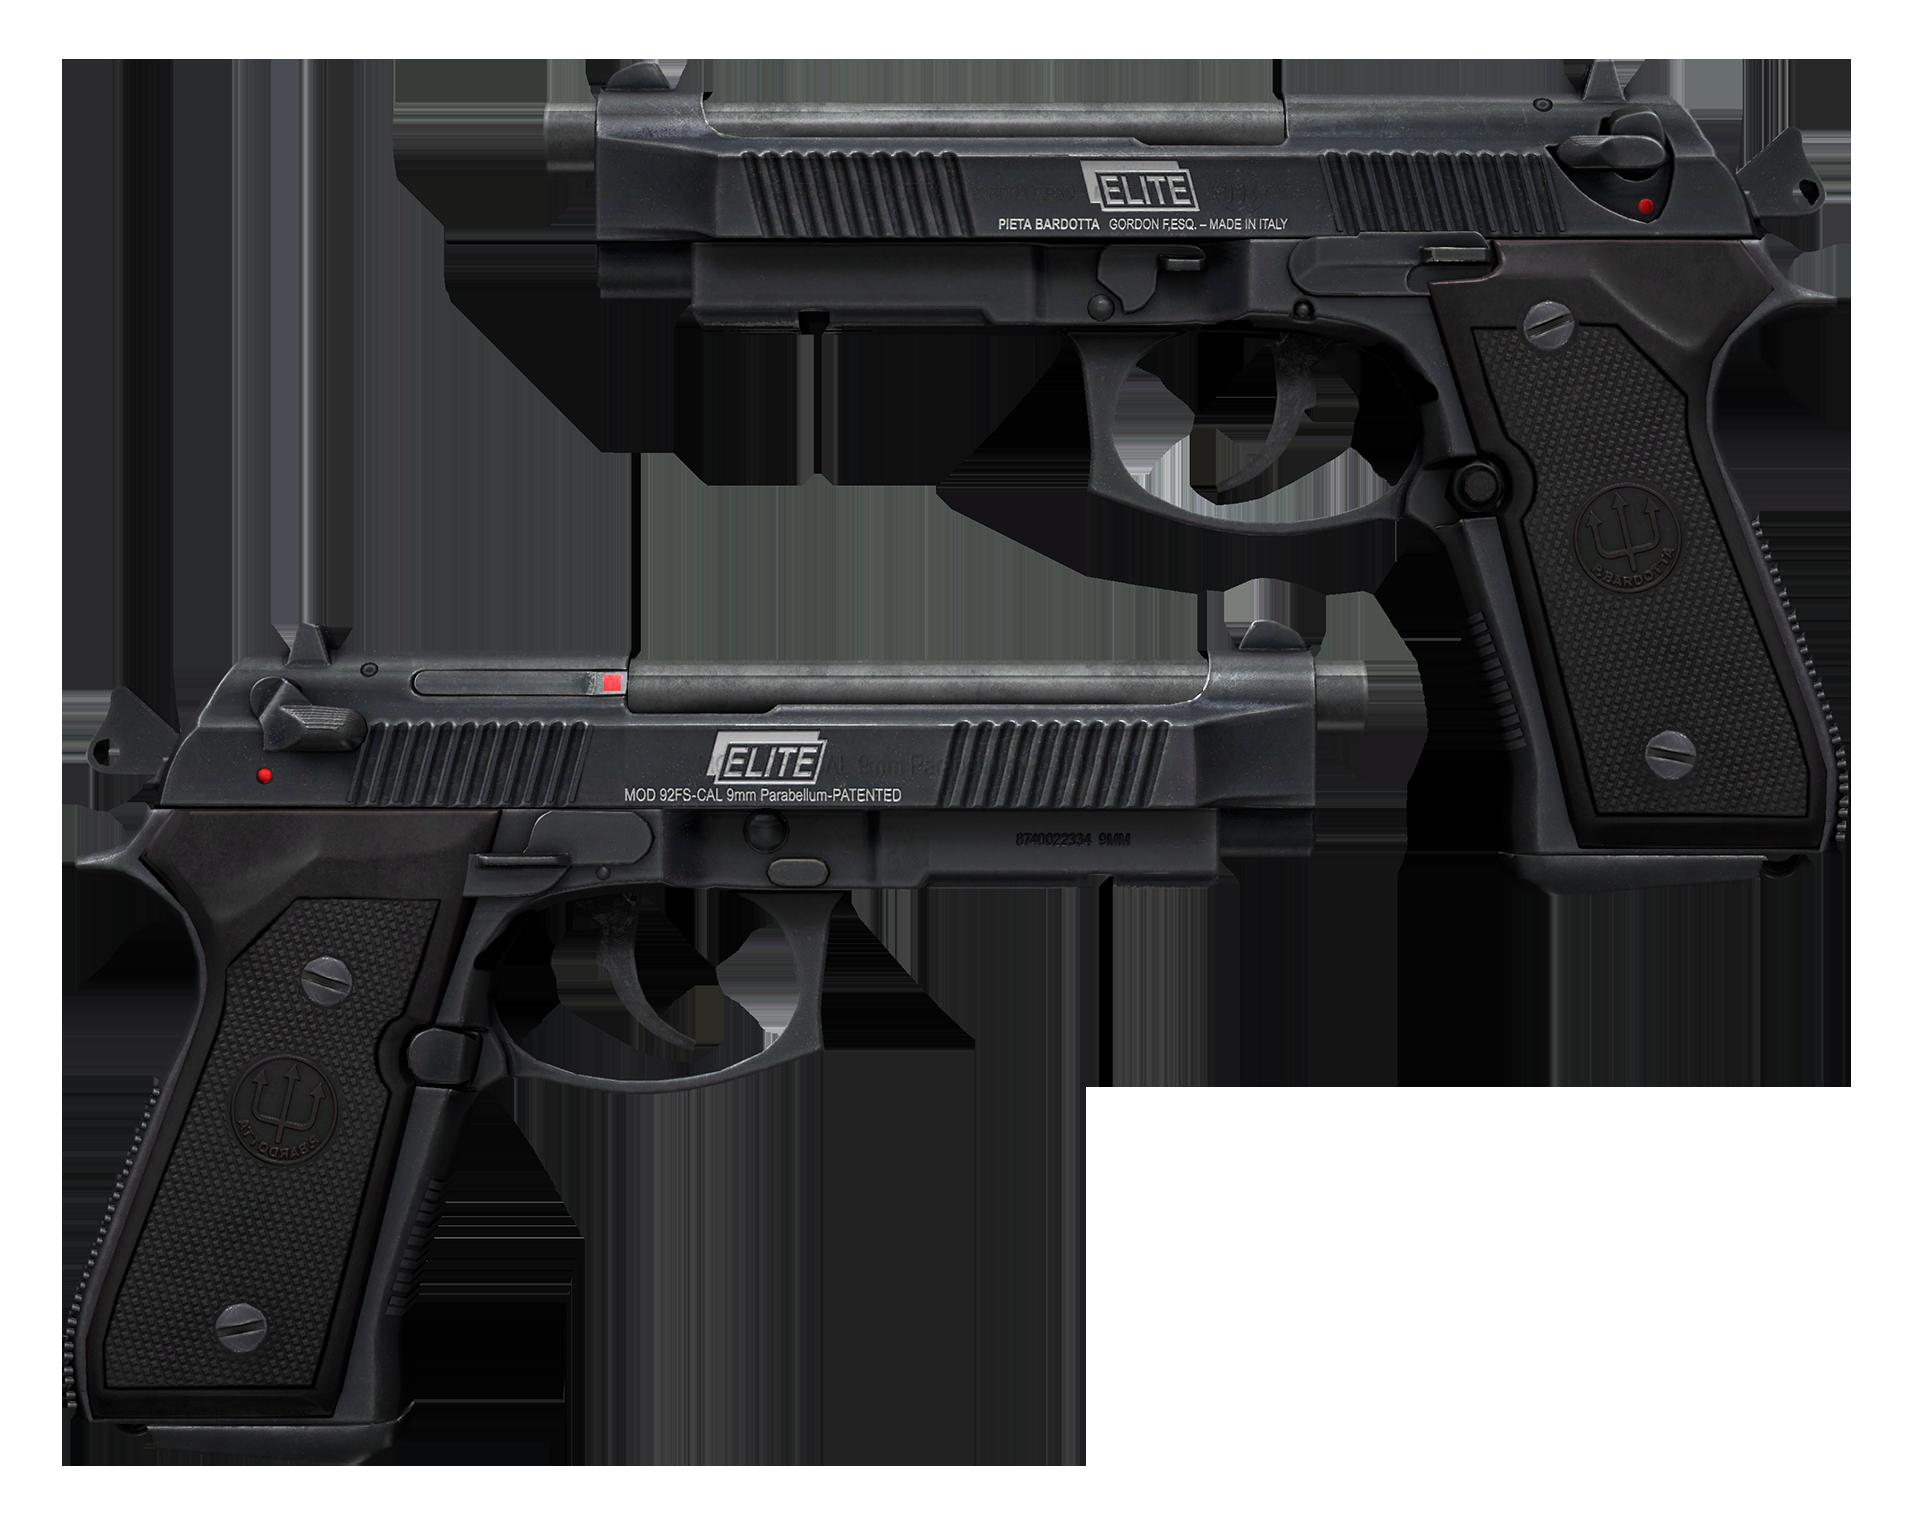 Dual Berettas Elite 1.6 Large Rendering